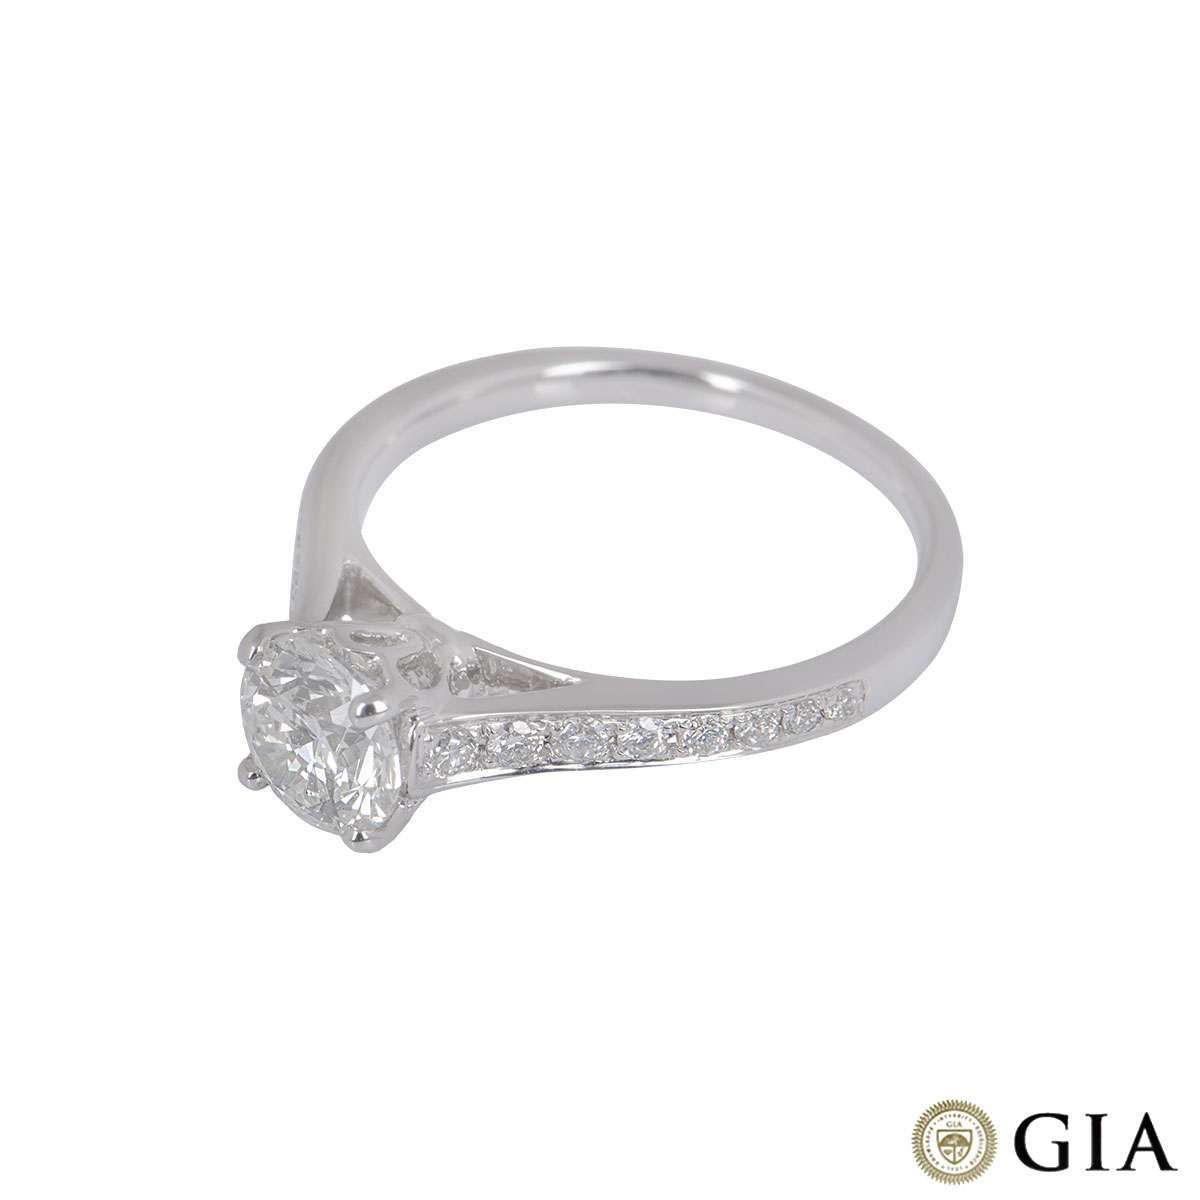 White Gold Round Brilliant Cut Diamond Ring 1.01ct G/VS1 XXX